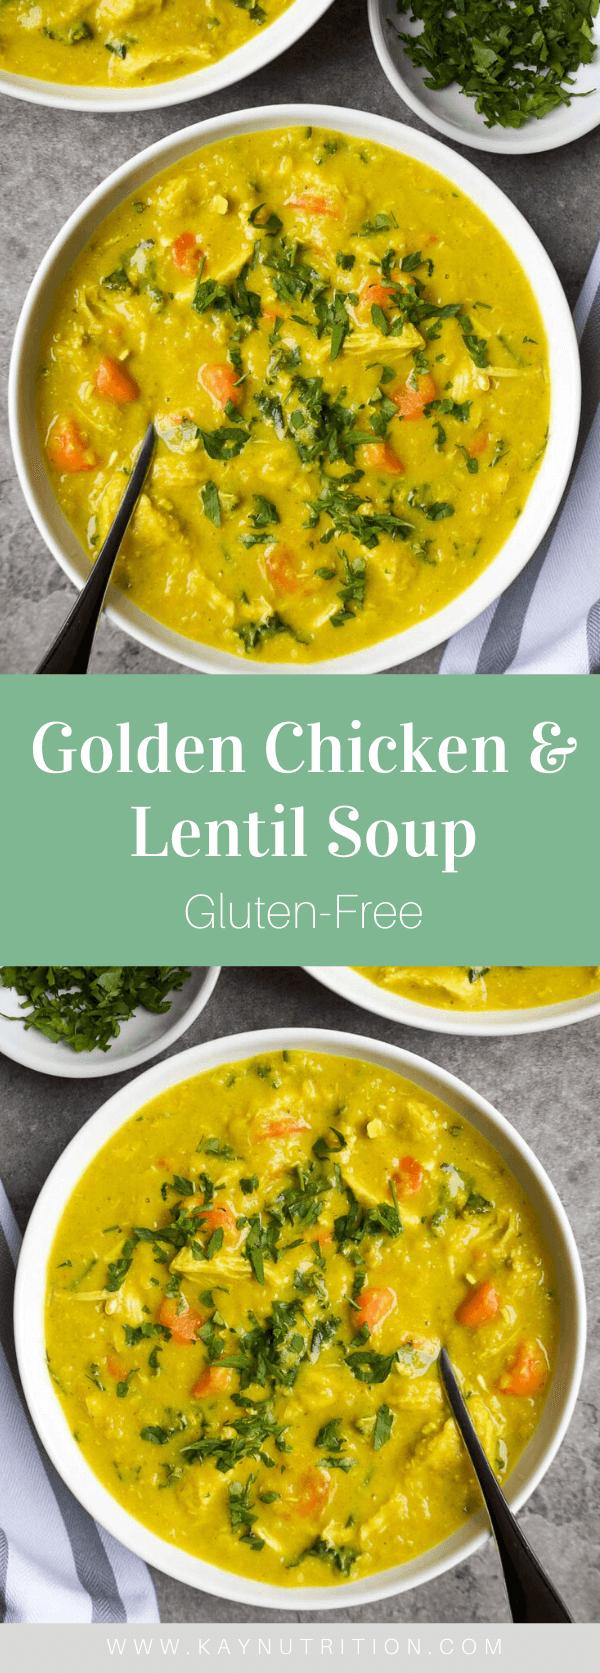 Golden Chicken Lentil Soup Recipe Chicken Lentil Soup Lentil Soup Healthy Chicken Lentil